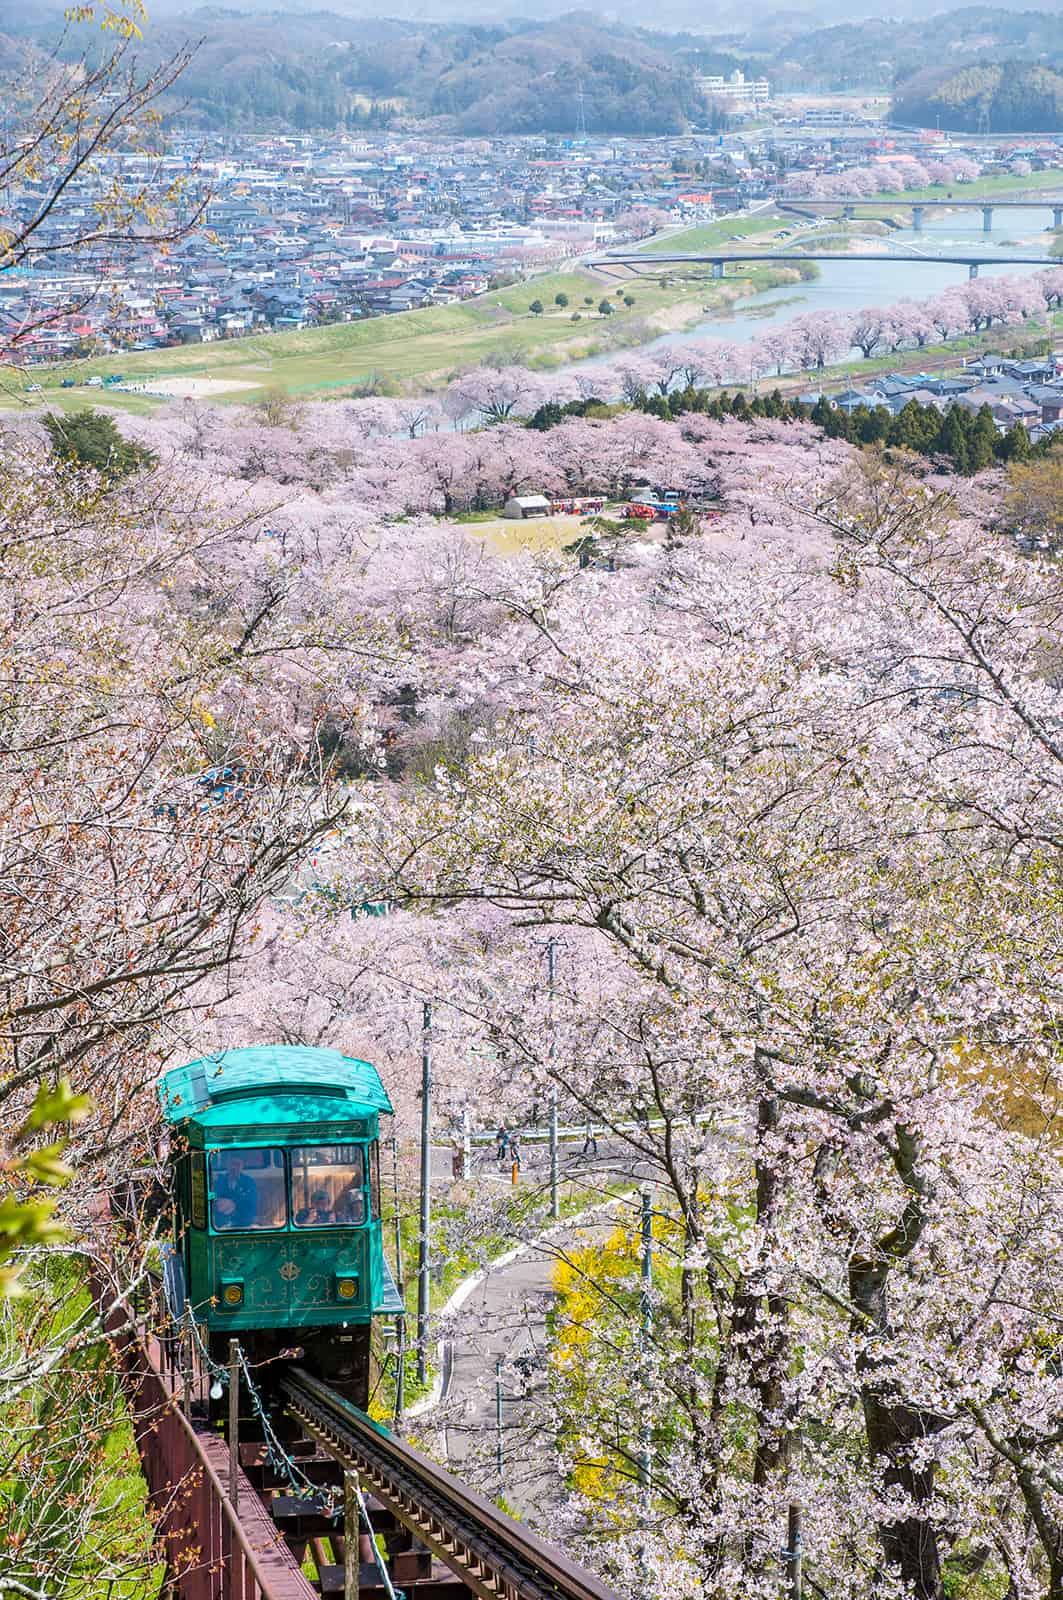 จุดชม ซากุระ ใน โทโฮคุ - สวนปราสาทเก่าฟุนะโอกะ (Funaoka Joshi Park)